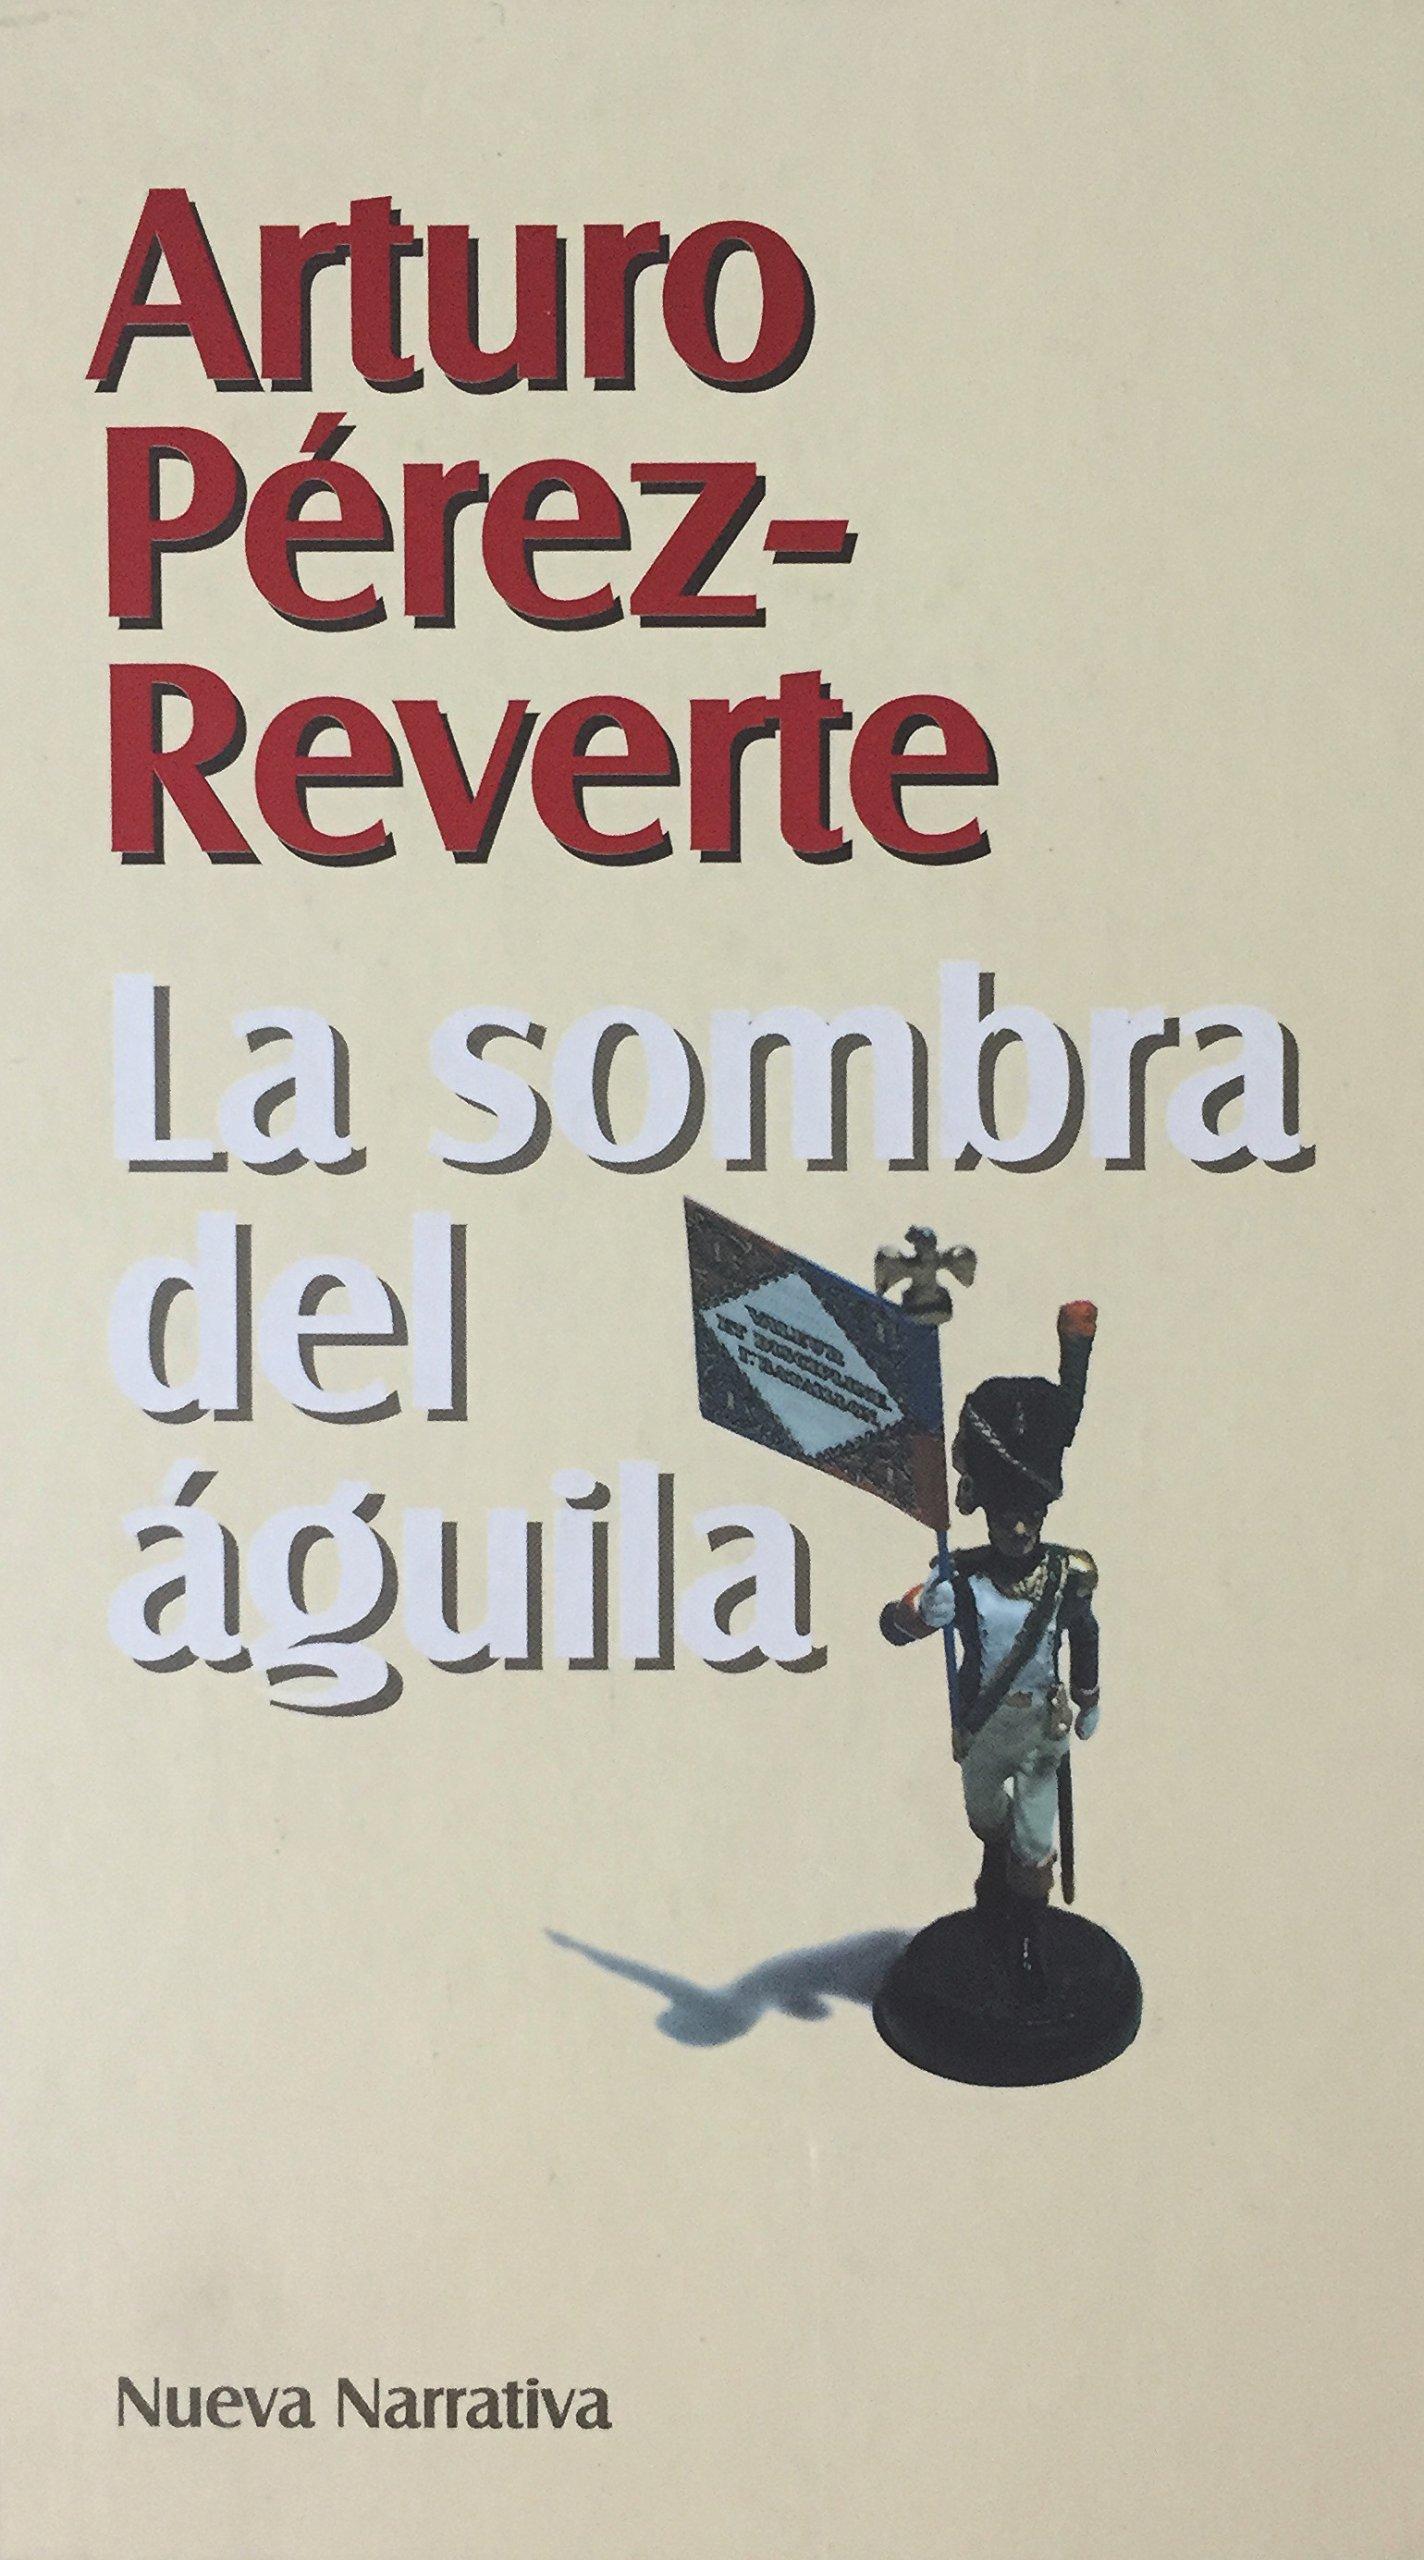 La Sombra del Águila: Amazon.es: Arturo Pérez-Reverte: Libros